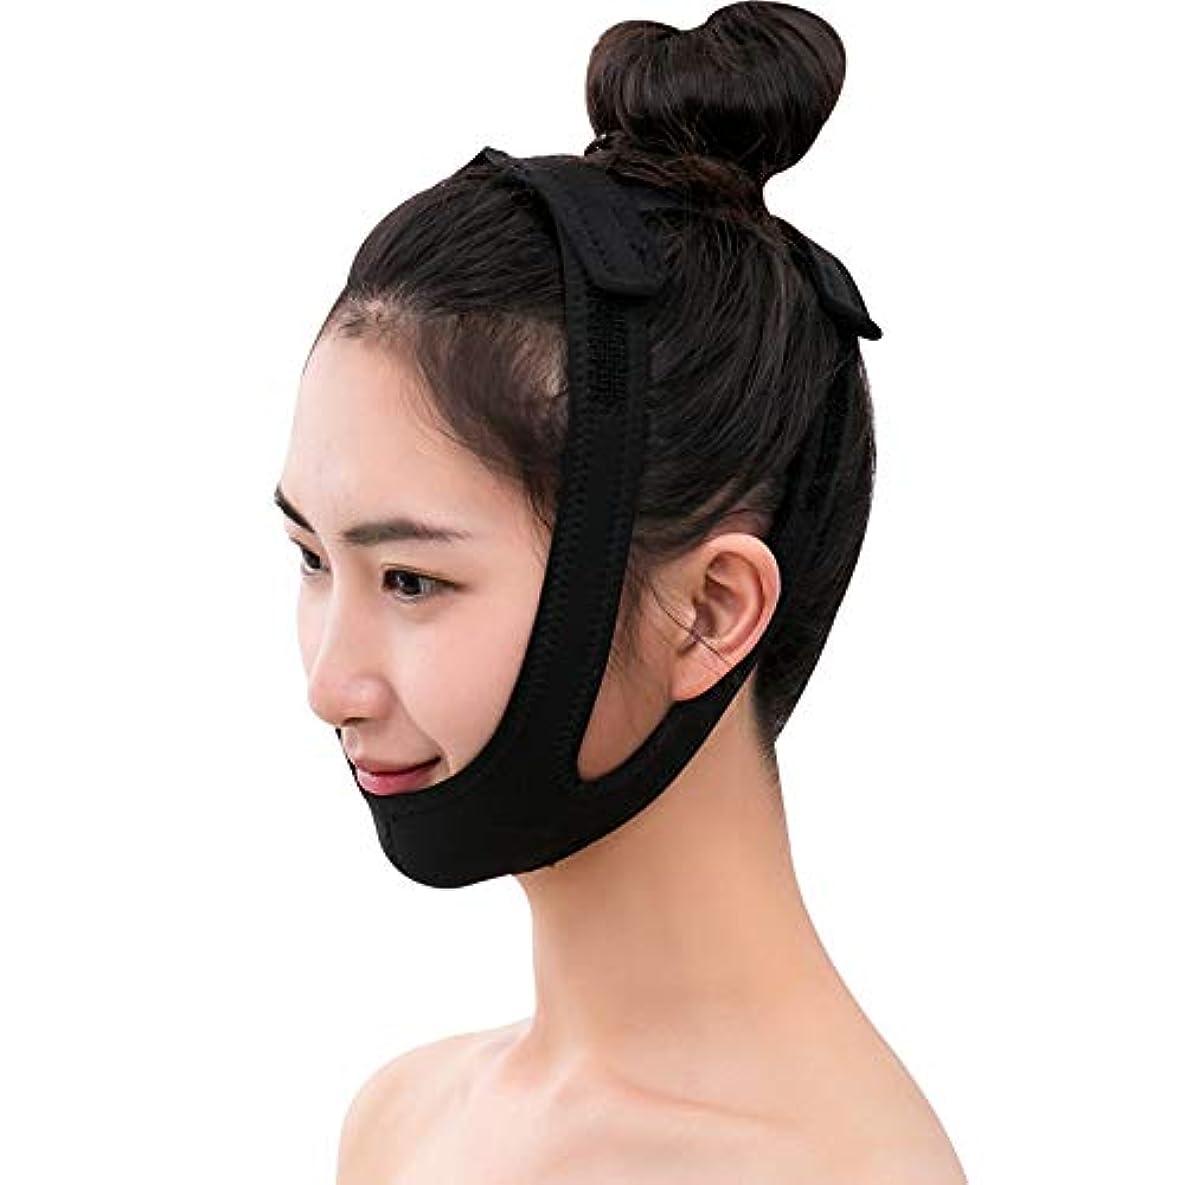 抜本的な値下げ名前Rui Peng フェイスリフティングベルト シンフェイスバンド - シンフェイスバンデージ美容機器フェイシャルリフト睡眠マスク法Vフェイスマスクを通気性にする